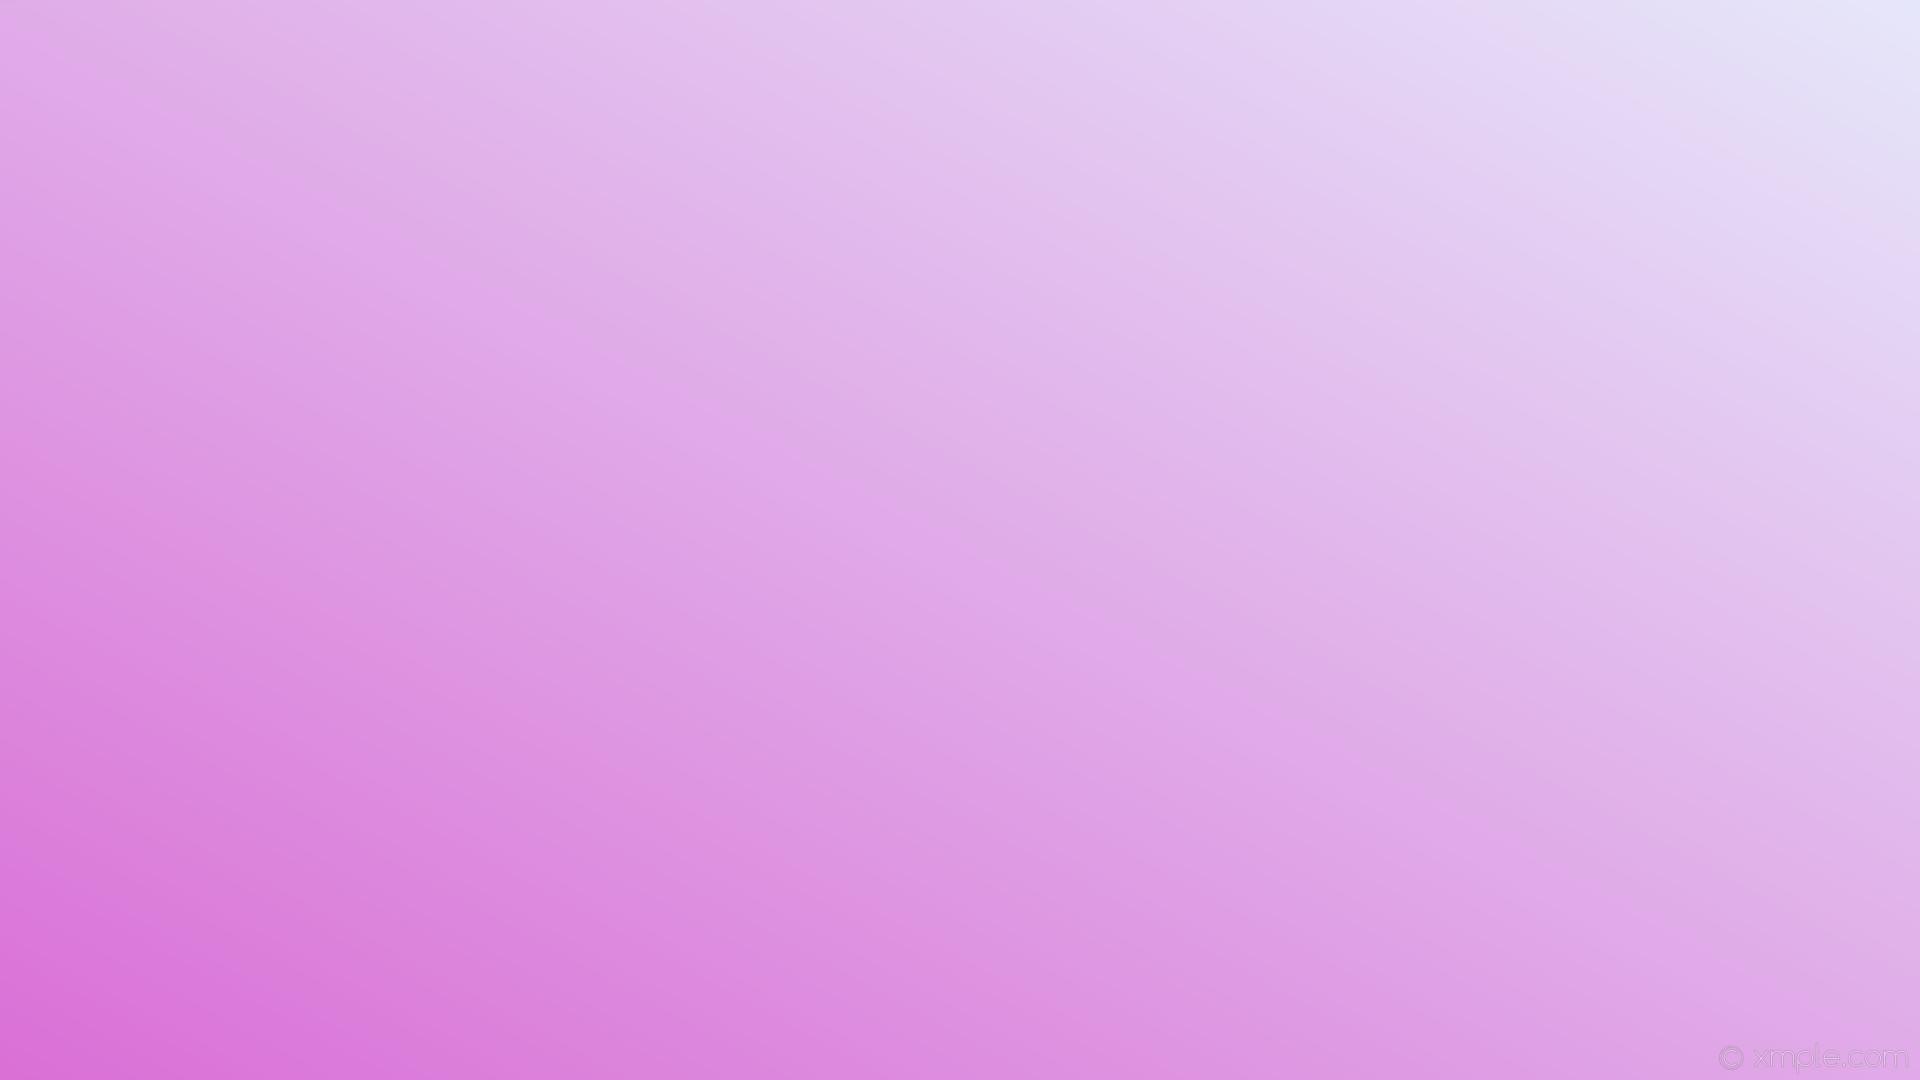 wallpaper gradient purple linear lavender orchid #e6e6fa #da70d6 30°